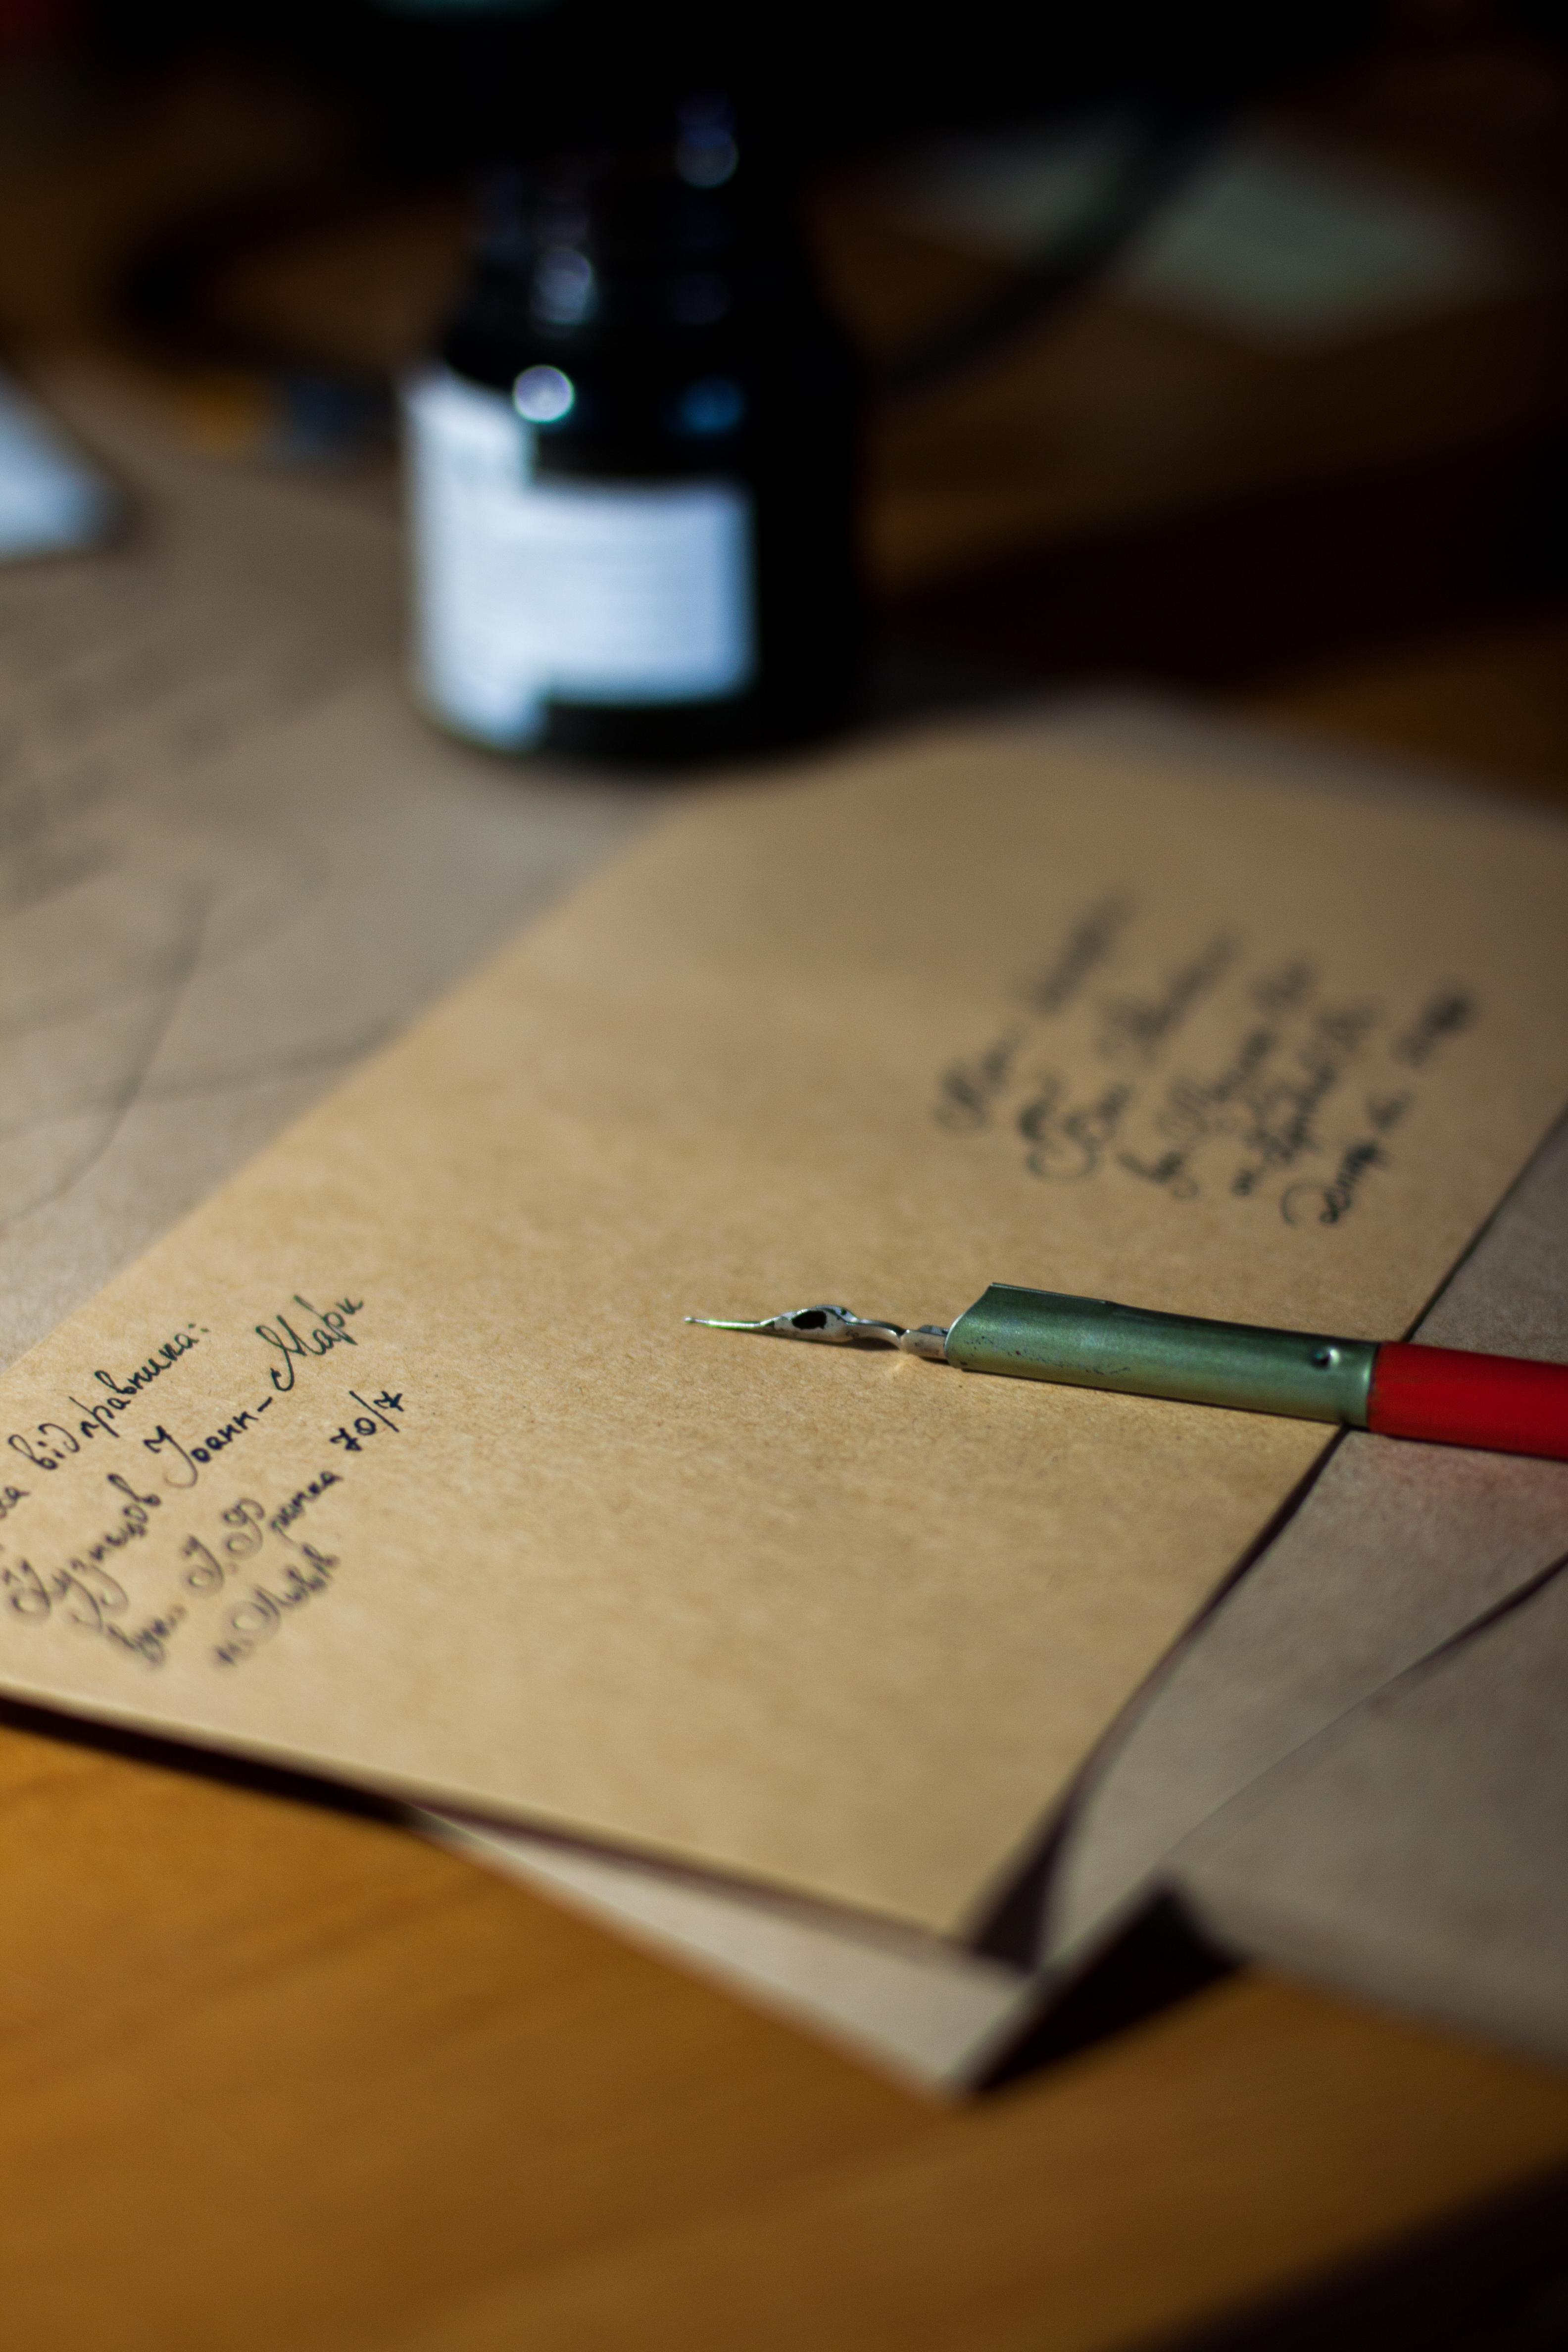 lettera di diffida approfondimento avvocatoflash